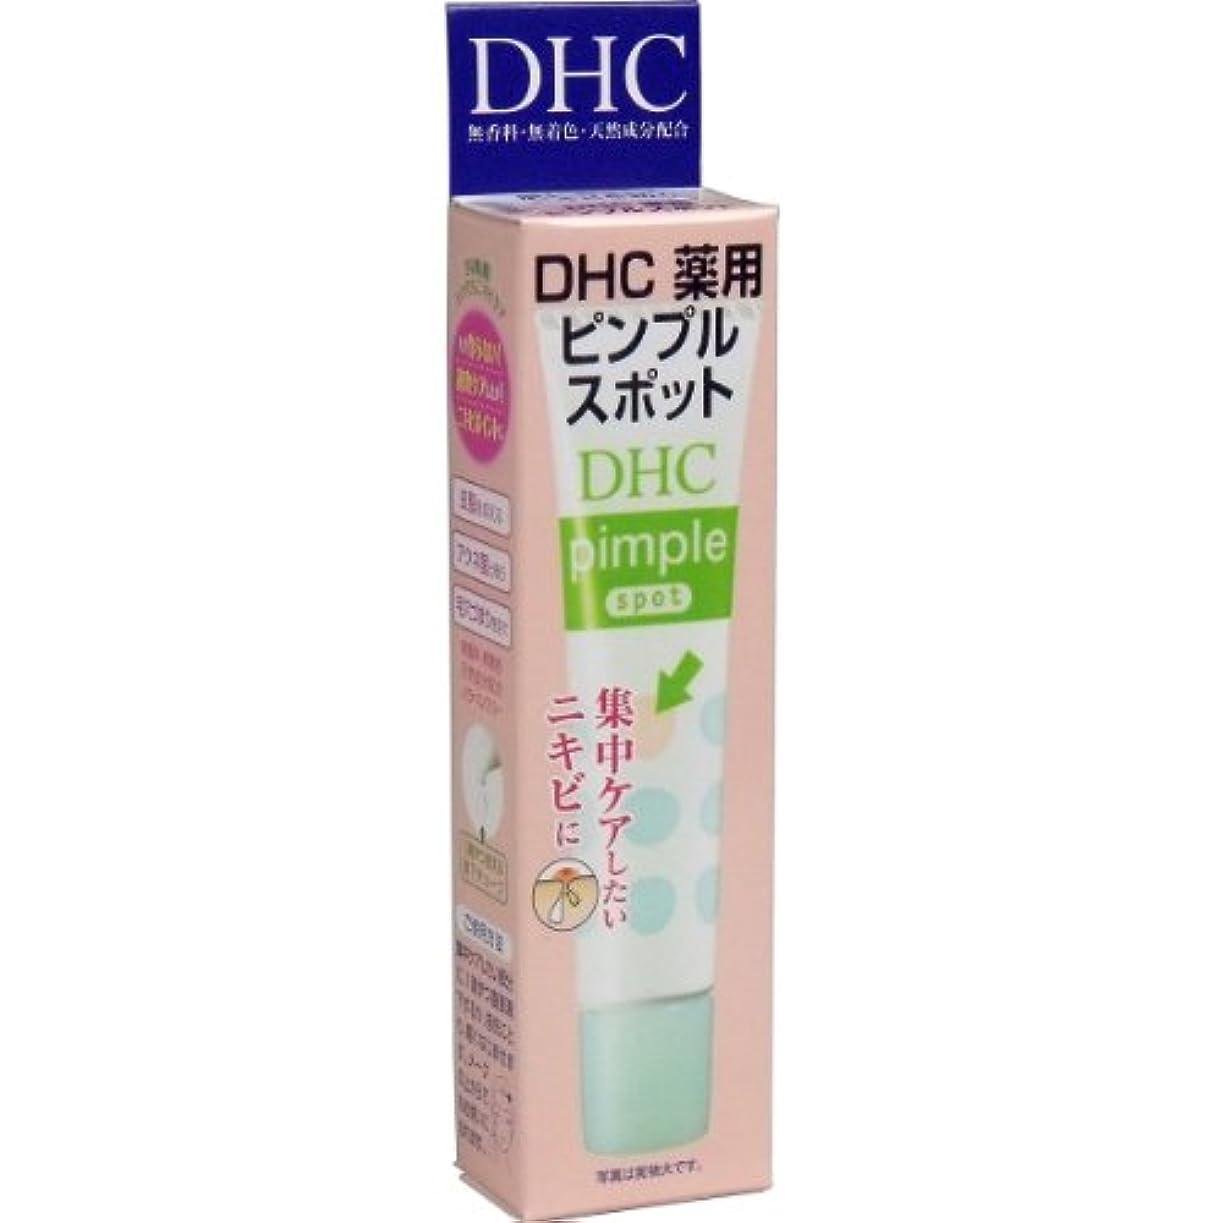 財団レッスン被る【DHC】DHC 薬用ピンプルスポット 15ml ×5個セット